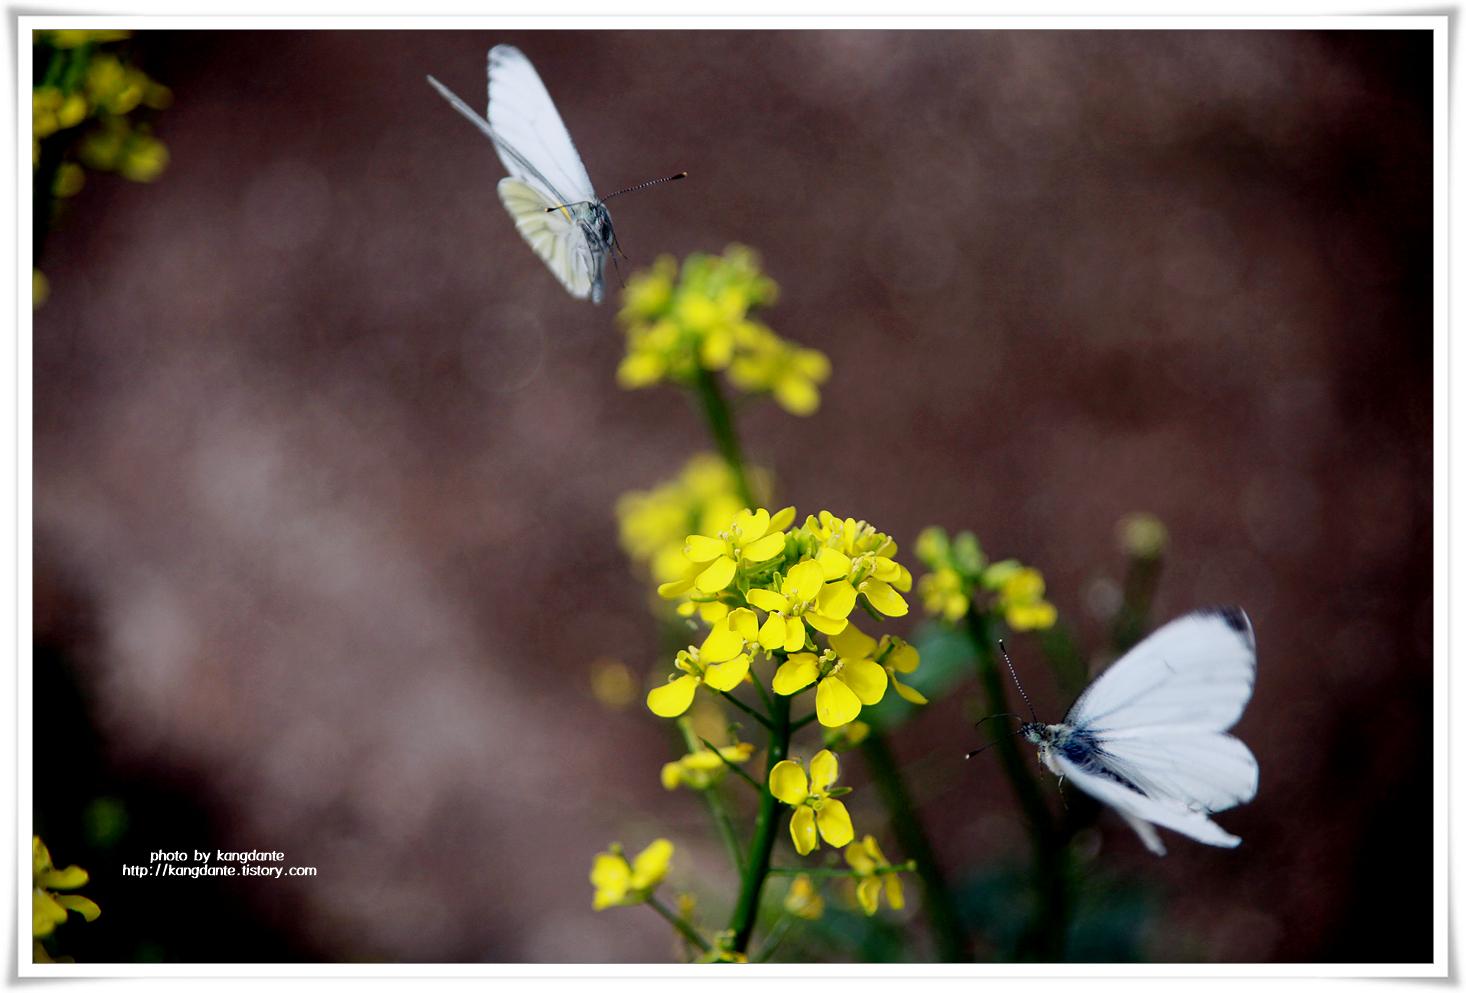 나비들의 비상(飛翔)을 즐길 수 있는 서울숲 곤충식물원